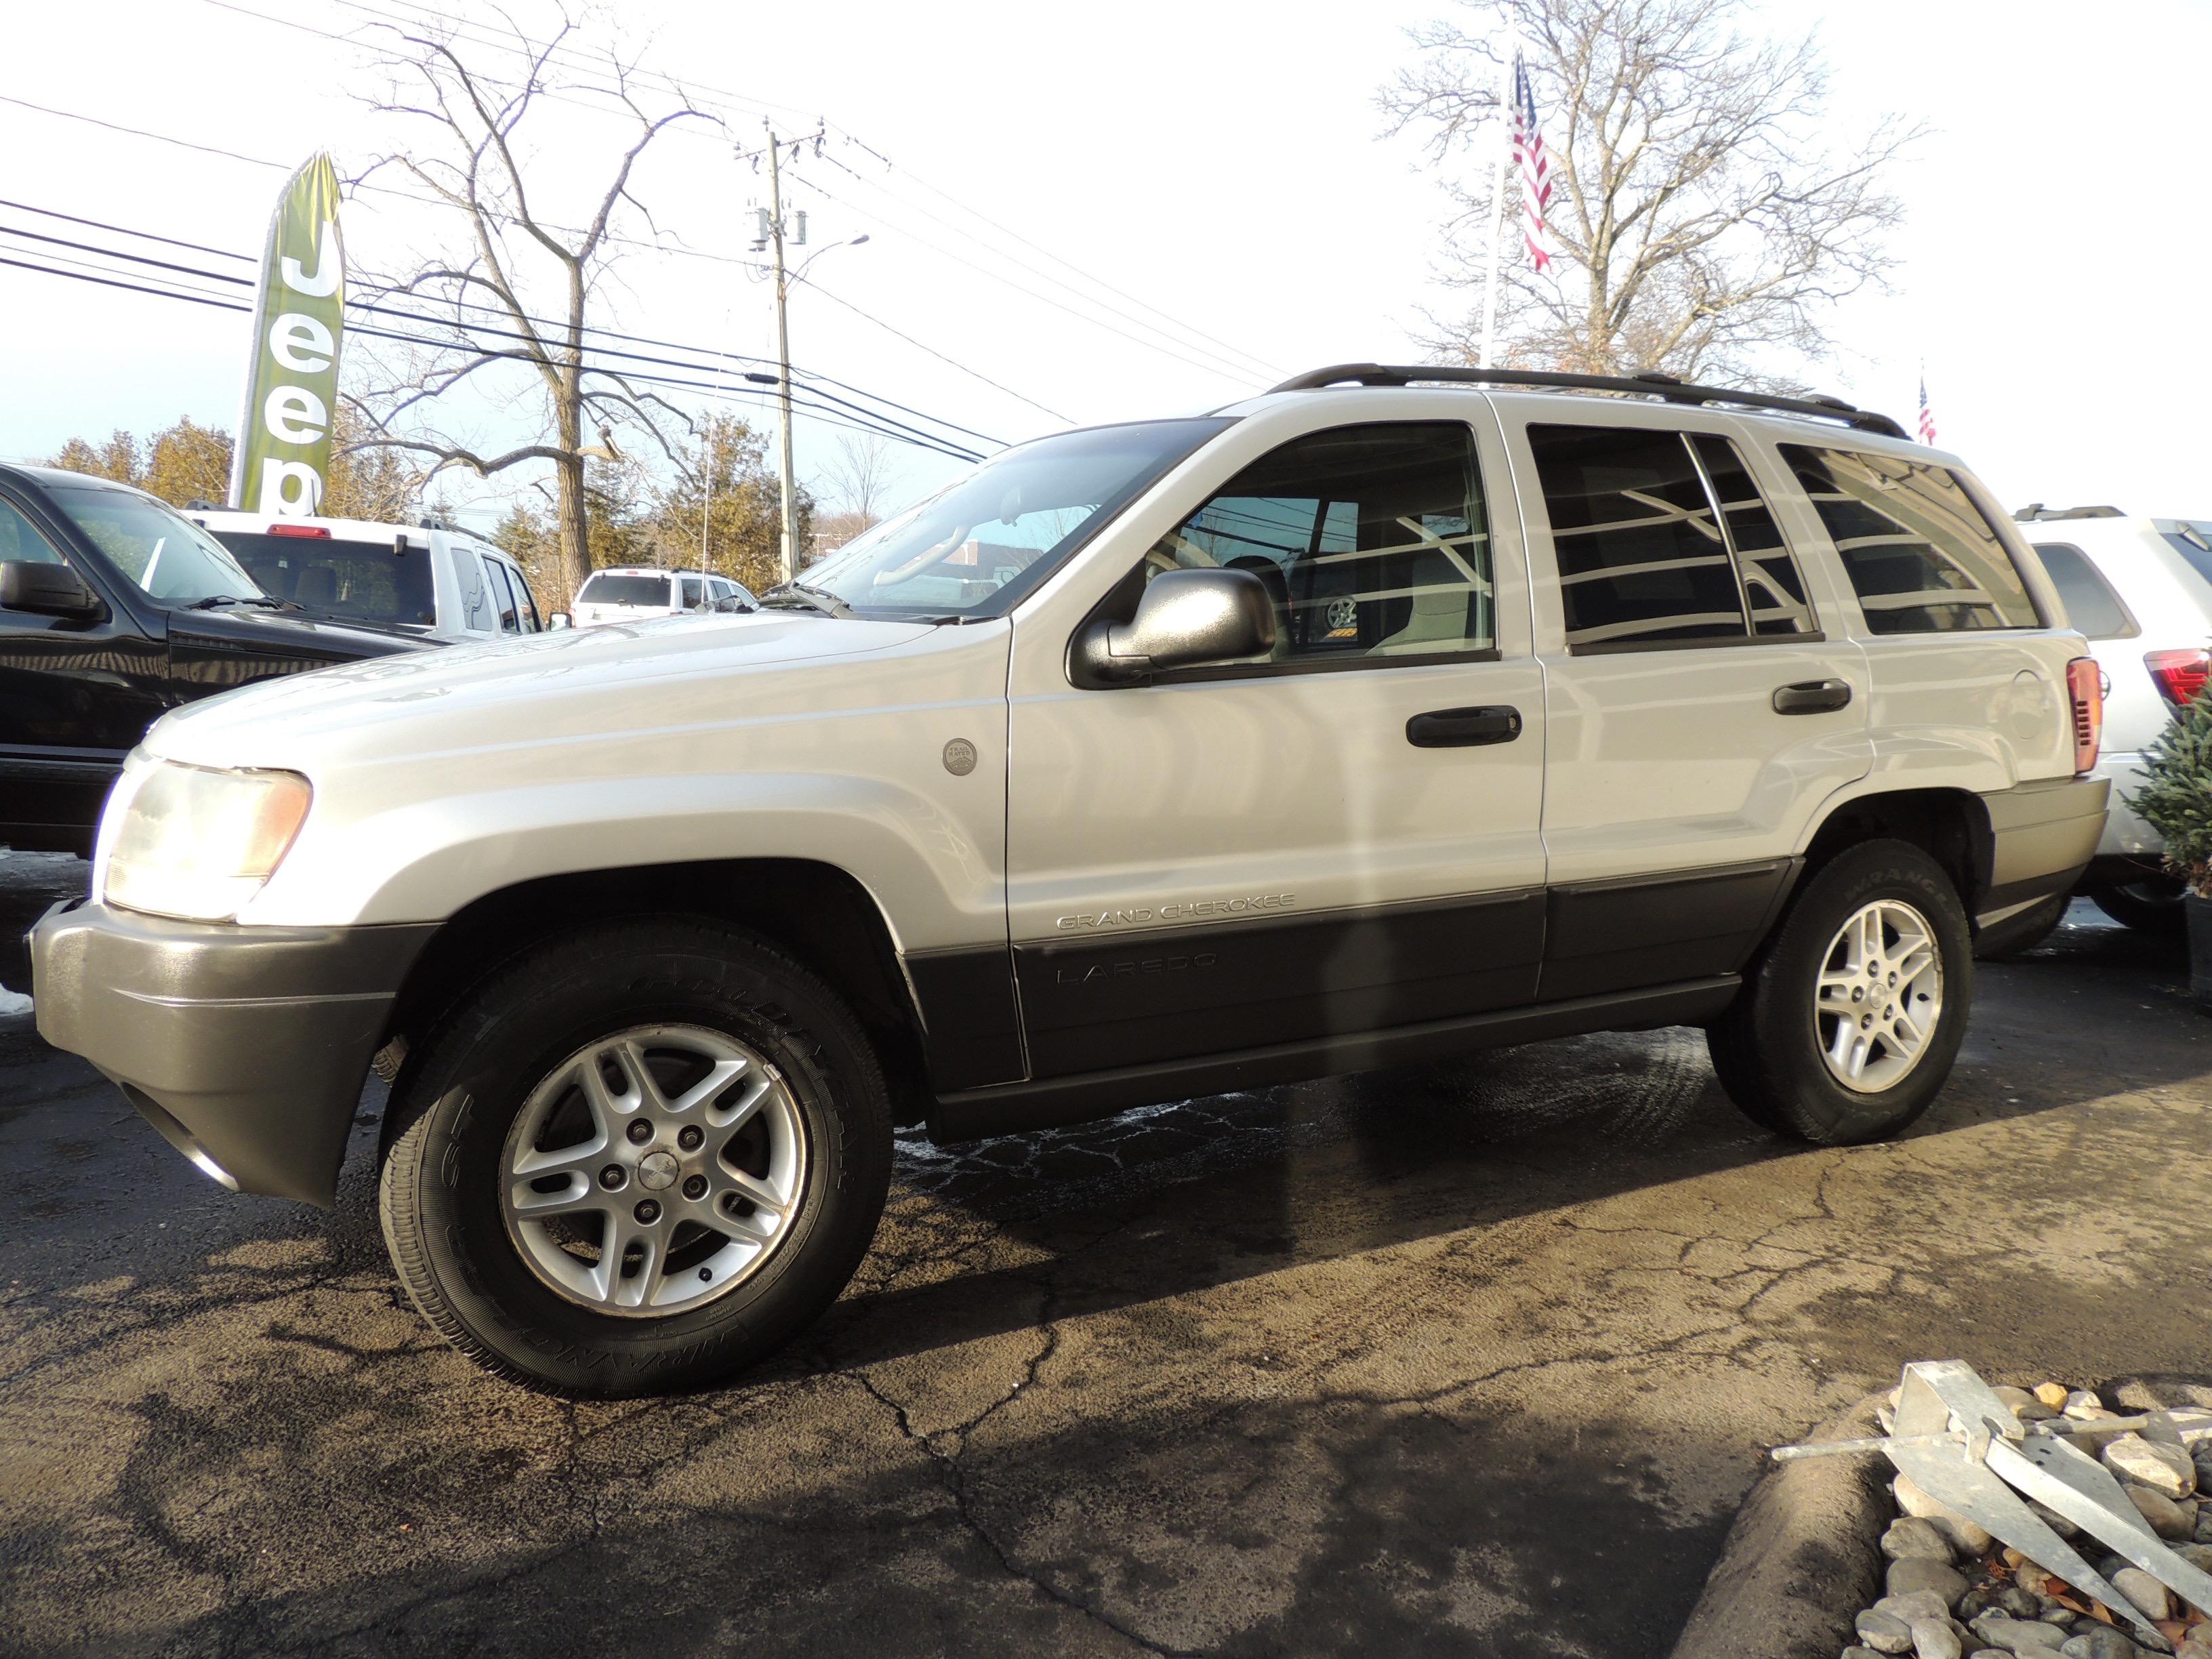 Jeeps For Sale In Ct >> 2003 Jeep Grand Cherokee Laredo   Shoreline Auto Sales